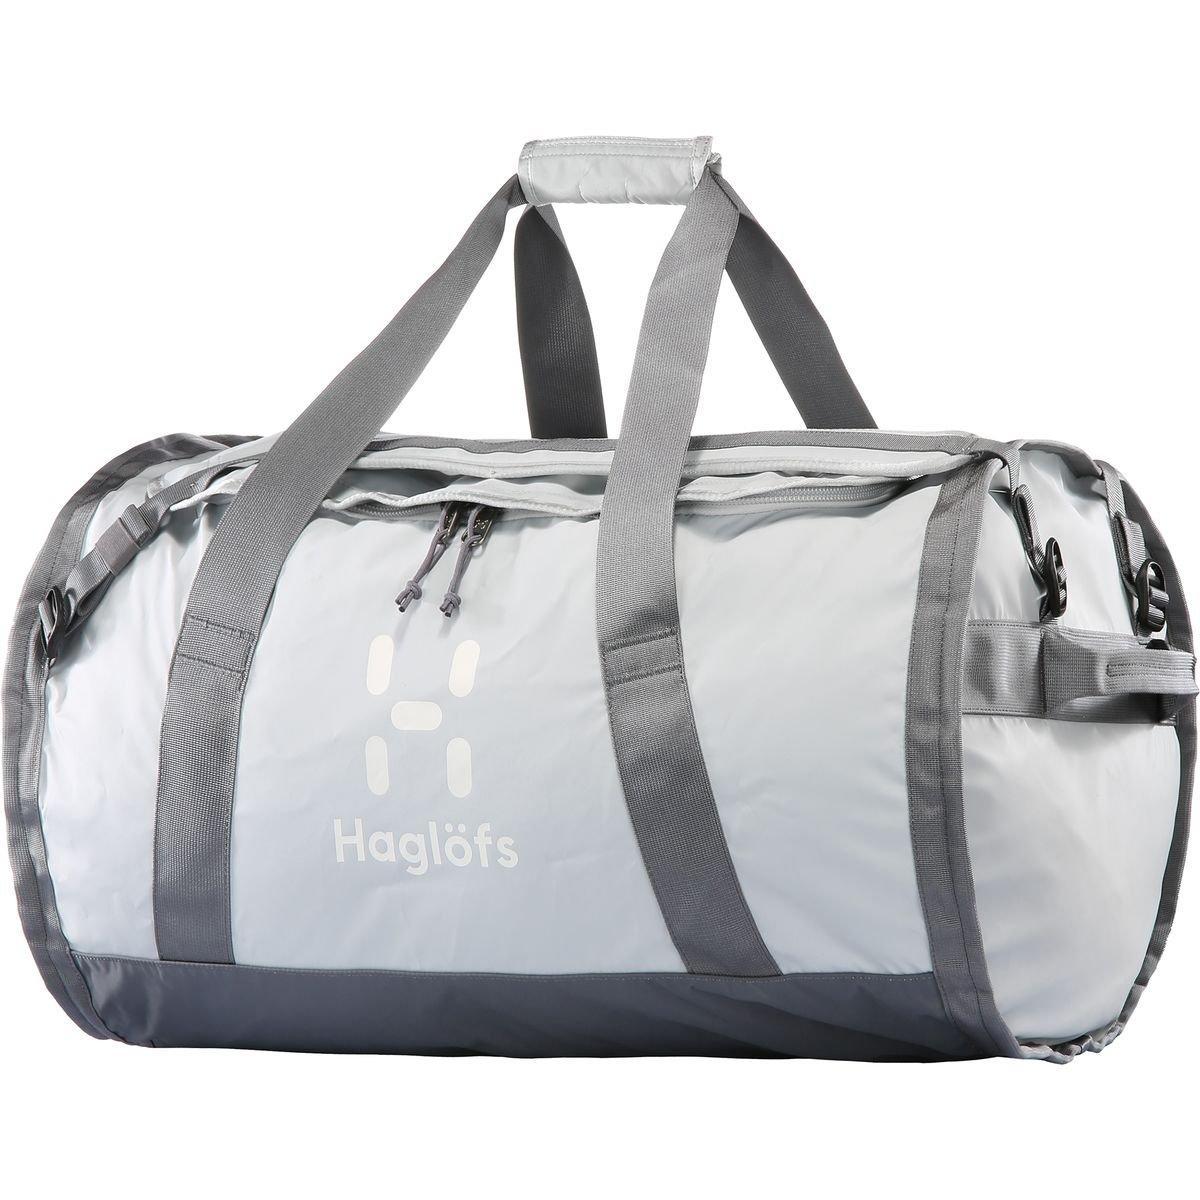 Haglöfs Lava Sporttasche, 90 Sporttasche, Lava Unisex, Erwachsene Einheitsgröße 7d3223